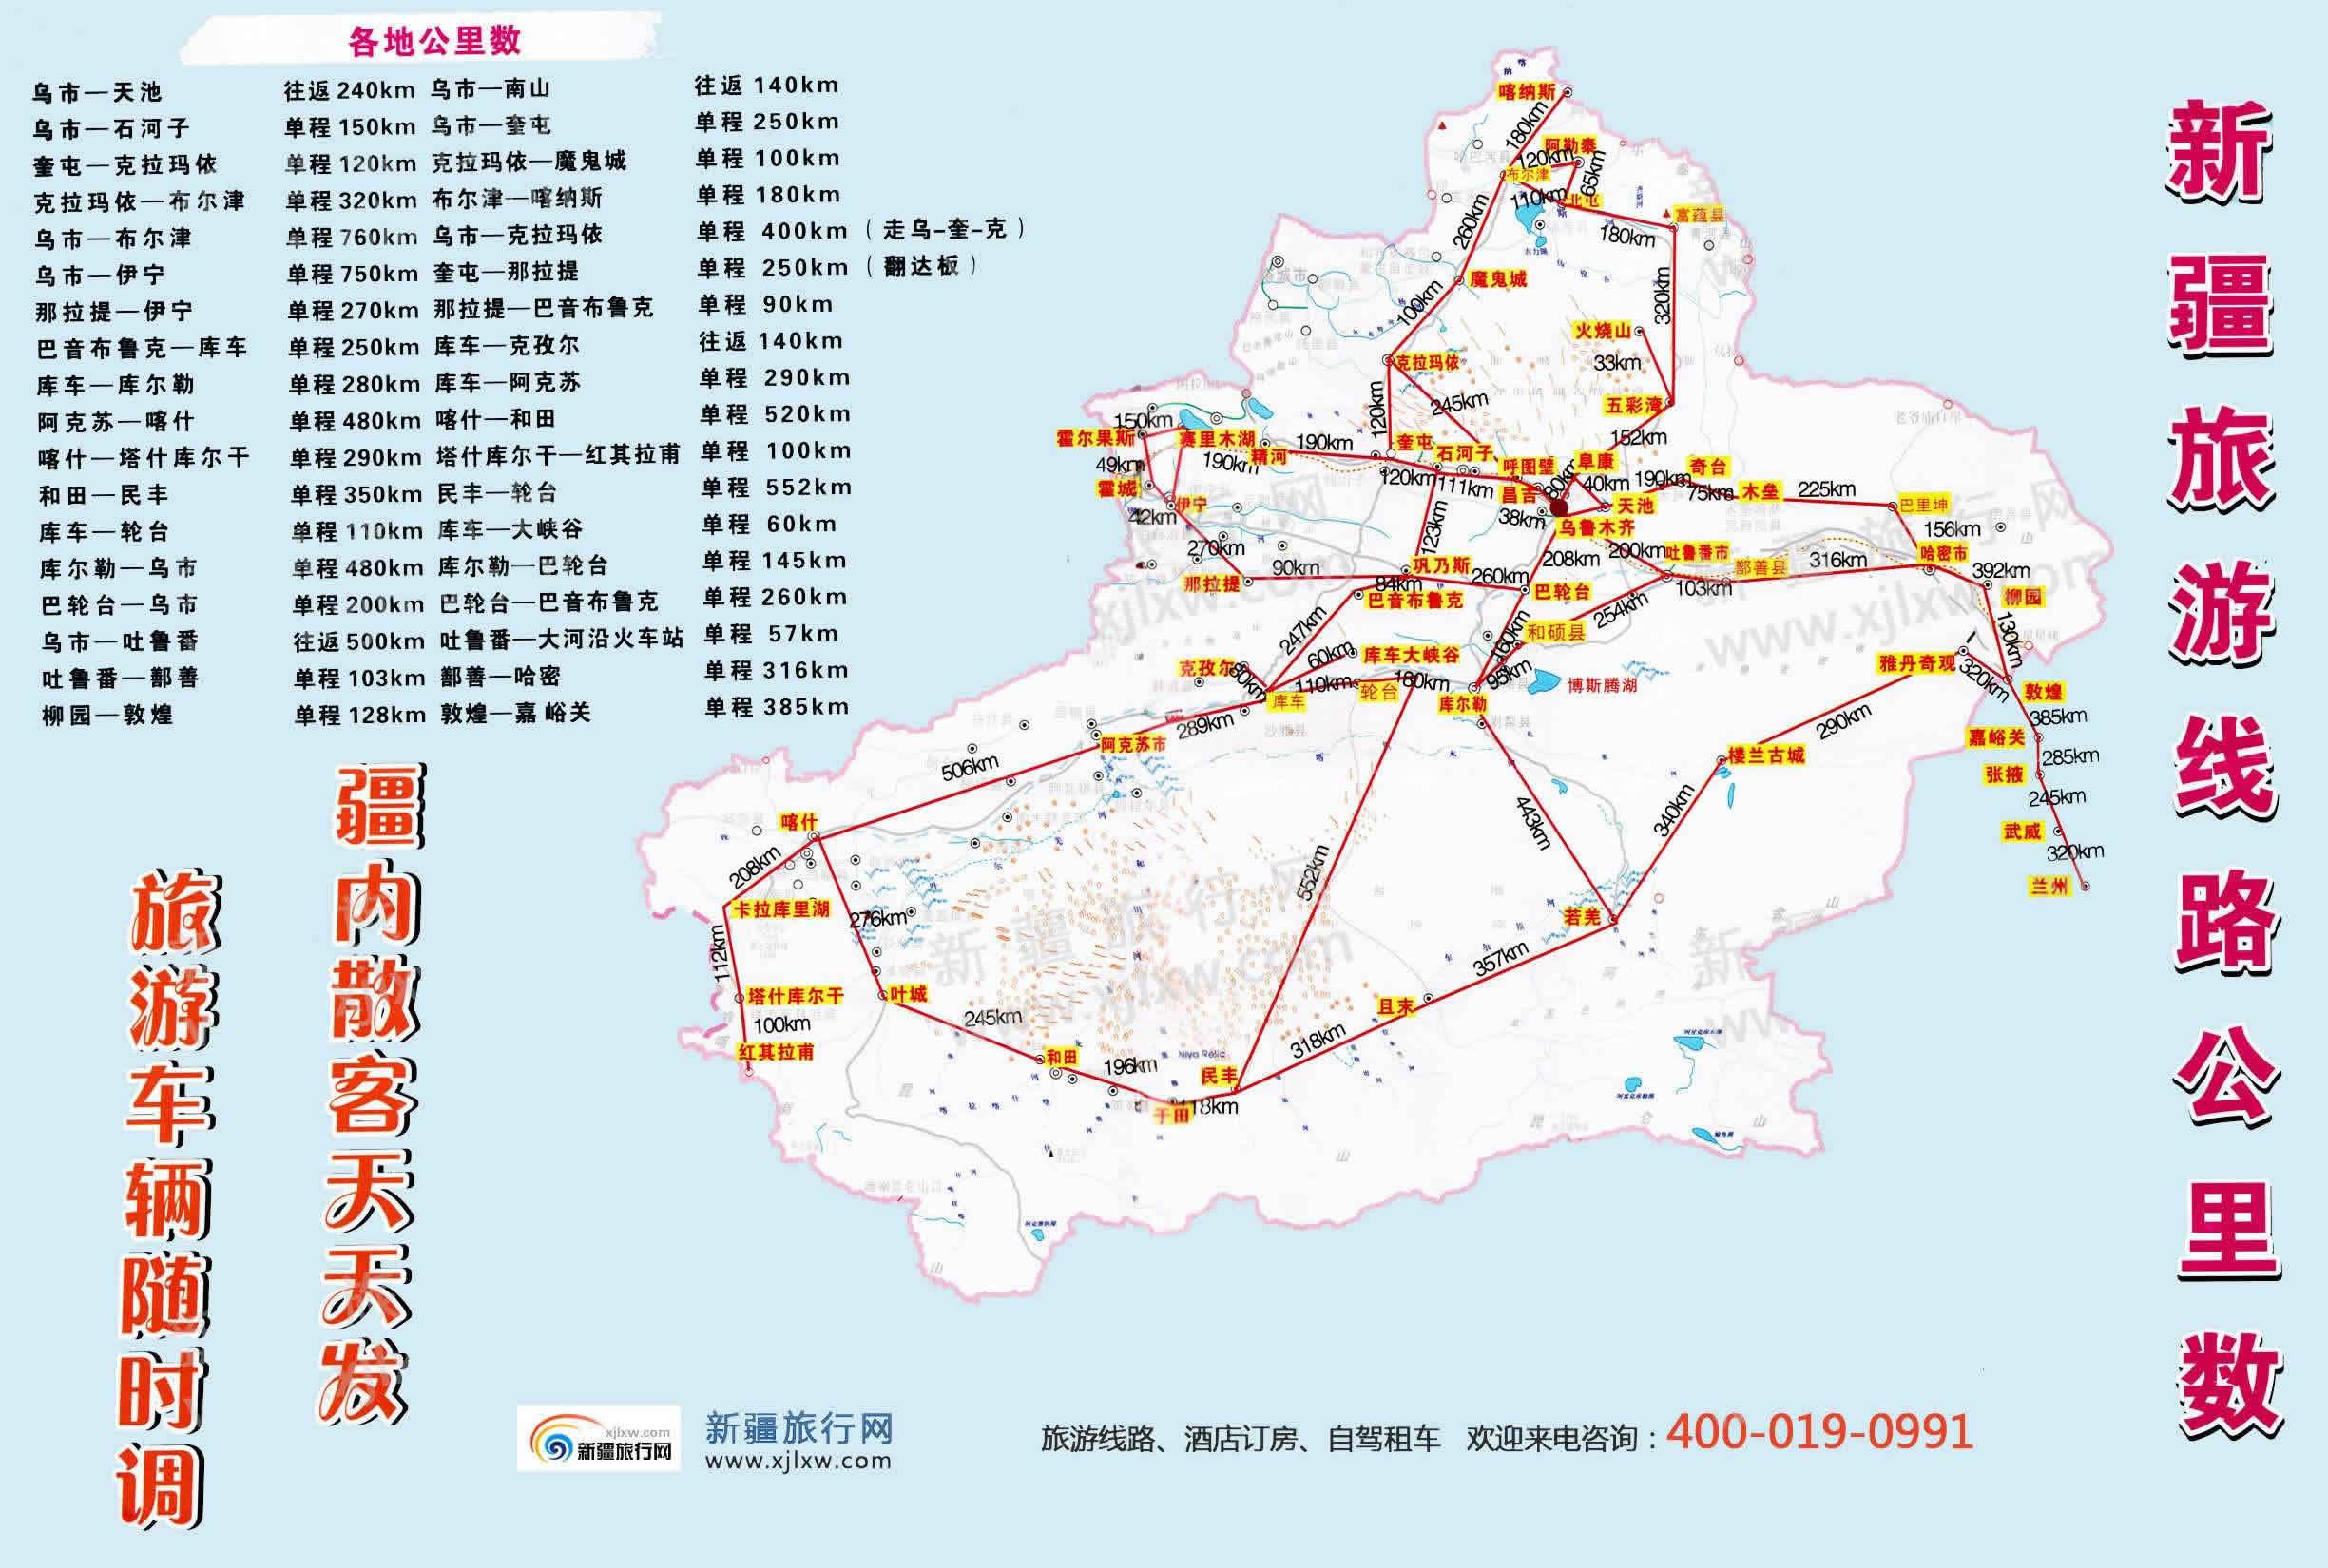 新疆旅游线路图_新疆旅行网